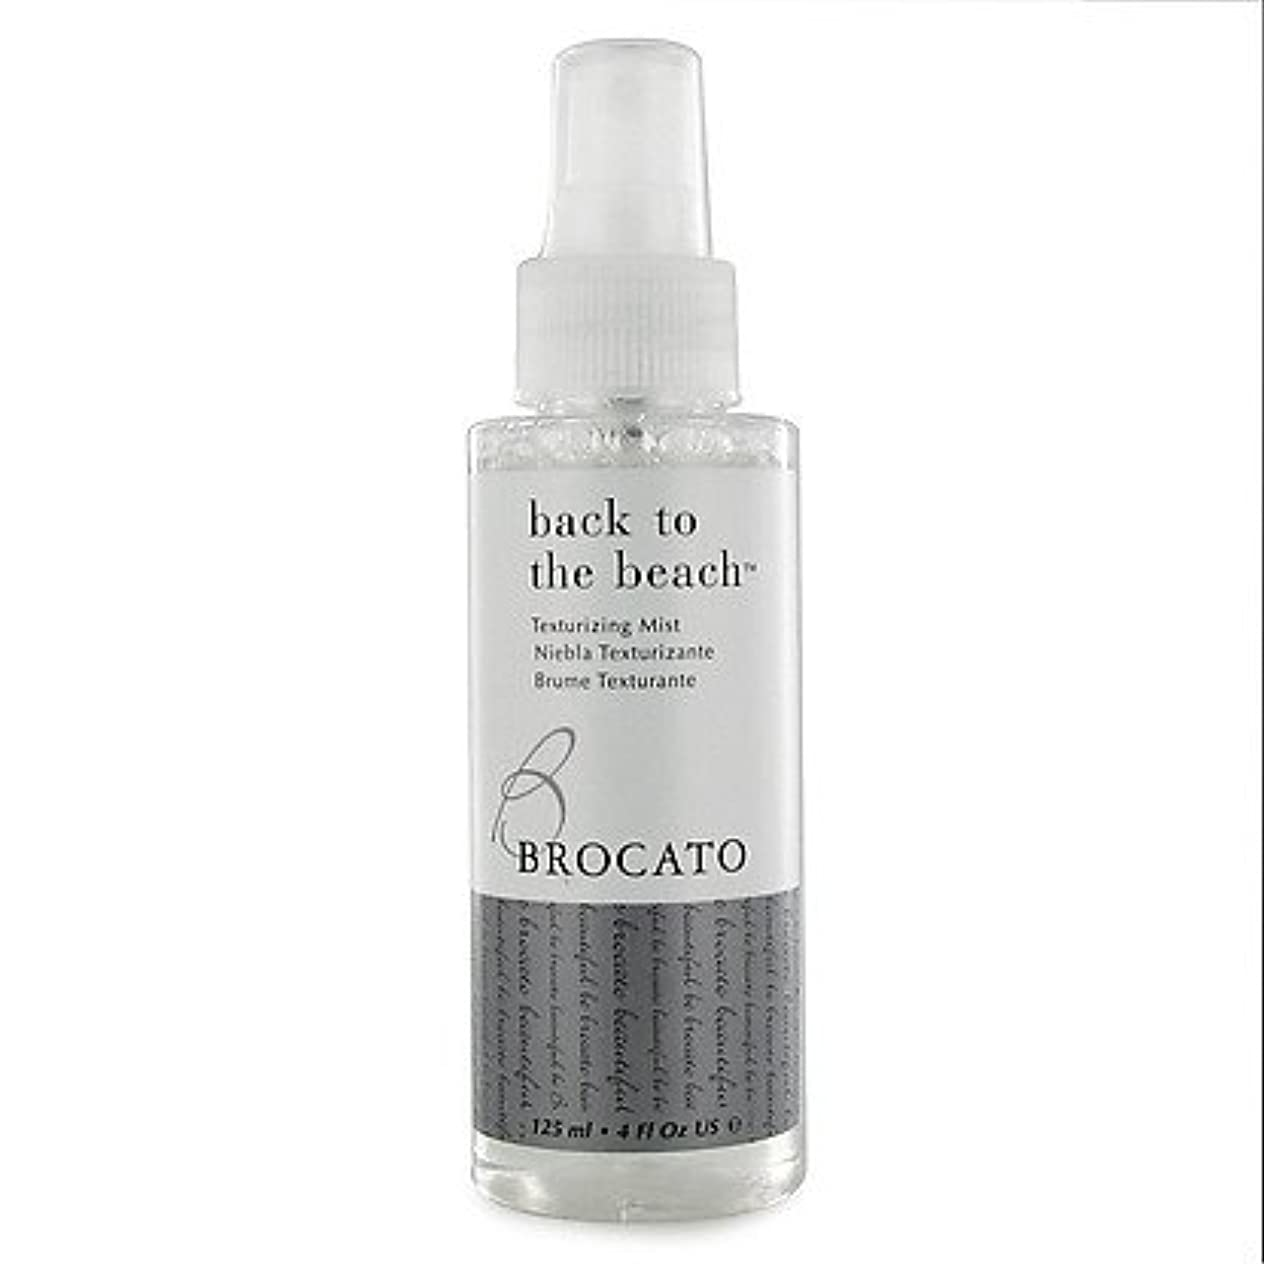 属する期待するインクBrocato 戻るBeautopia髪でビーチテクスチャーミスト:テクスチャ&ボリュームヘアスタイリングは、女性のためのスプレー - 4オンス 各